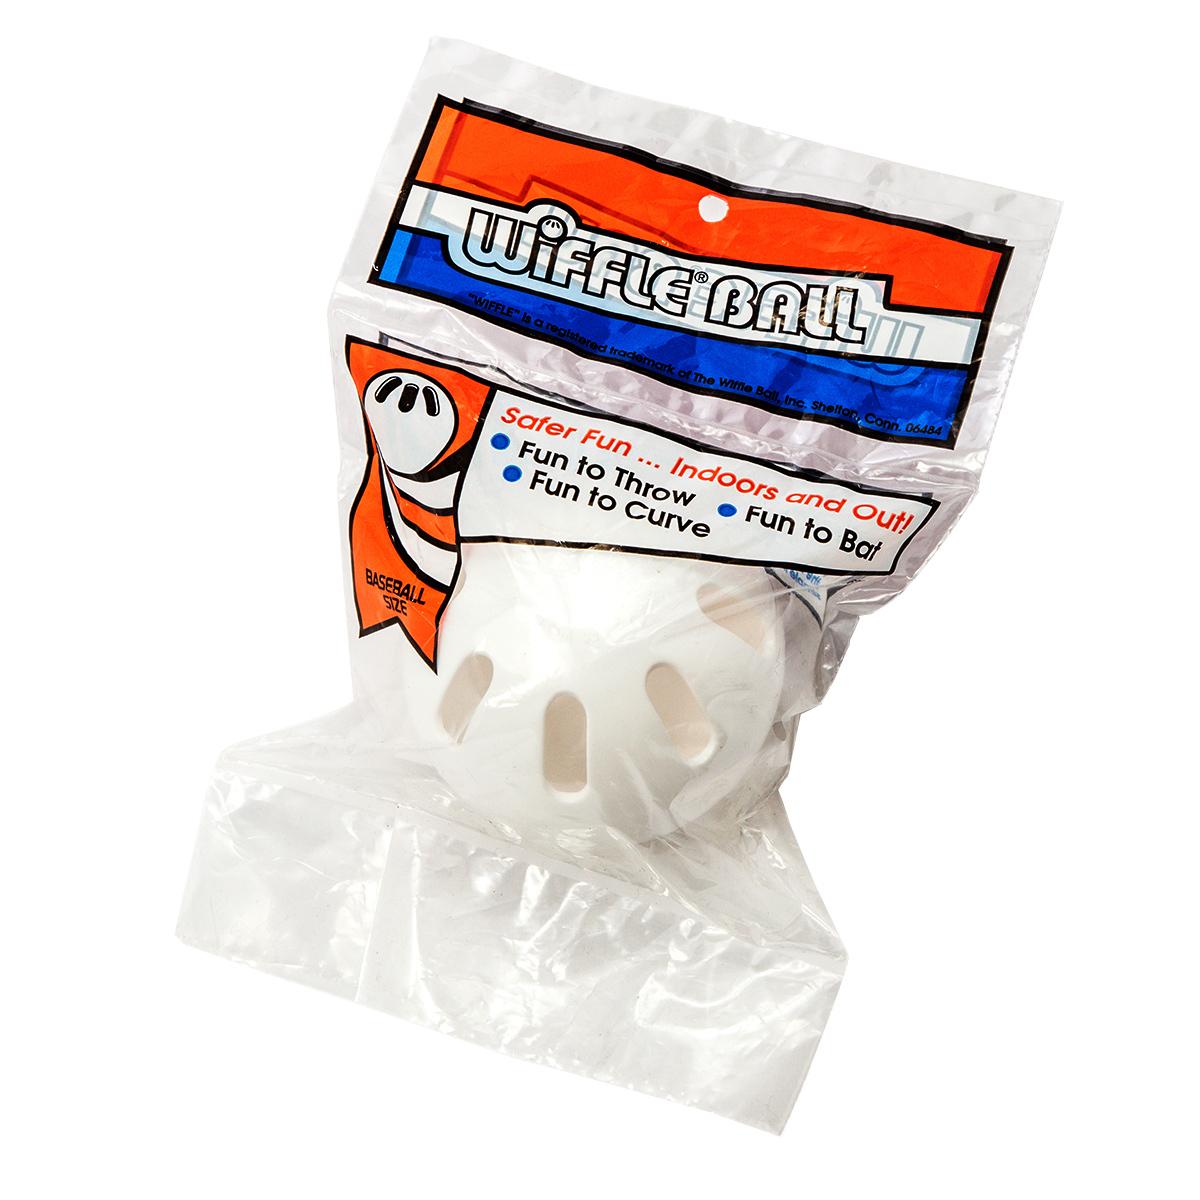 グローブ不要!!子供~大人まで楽しめるスポーツトイ ウィッフルボール (WIFFLE Ball) ベースボールサイズ 袋入り 1個 NO.639R